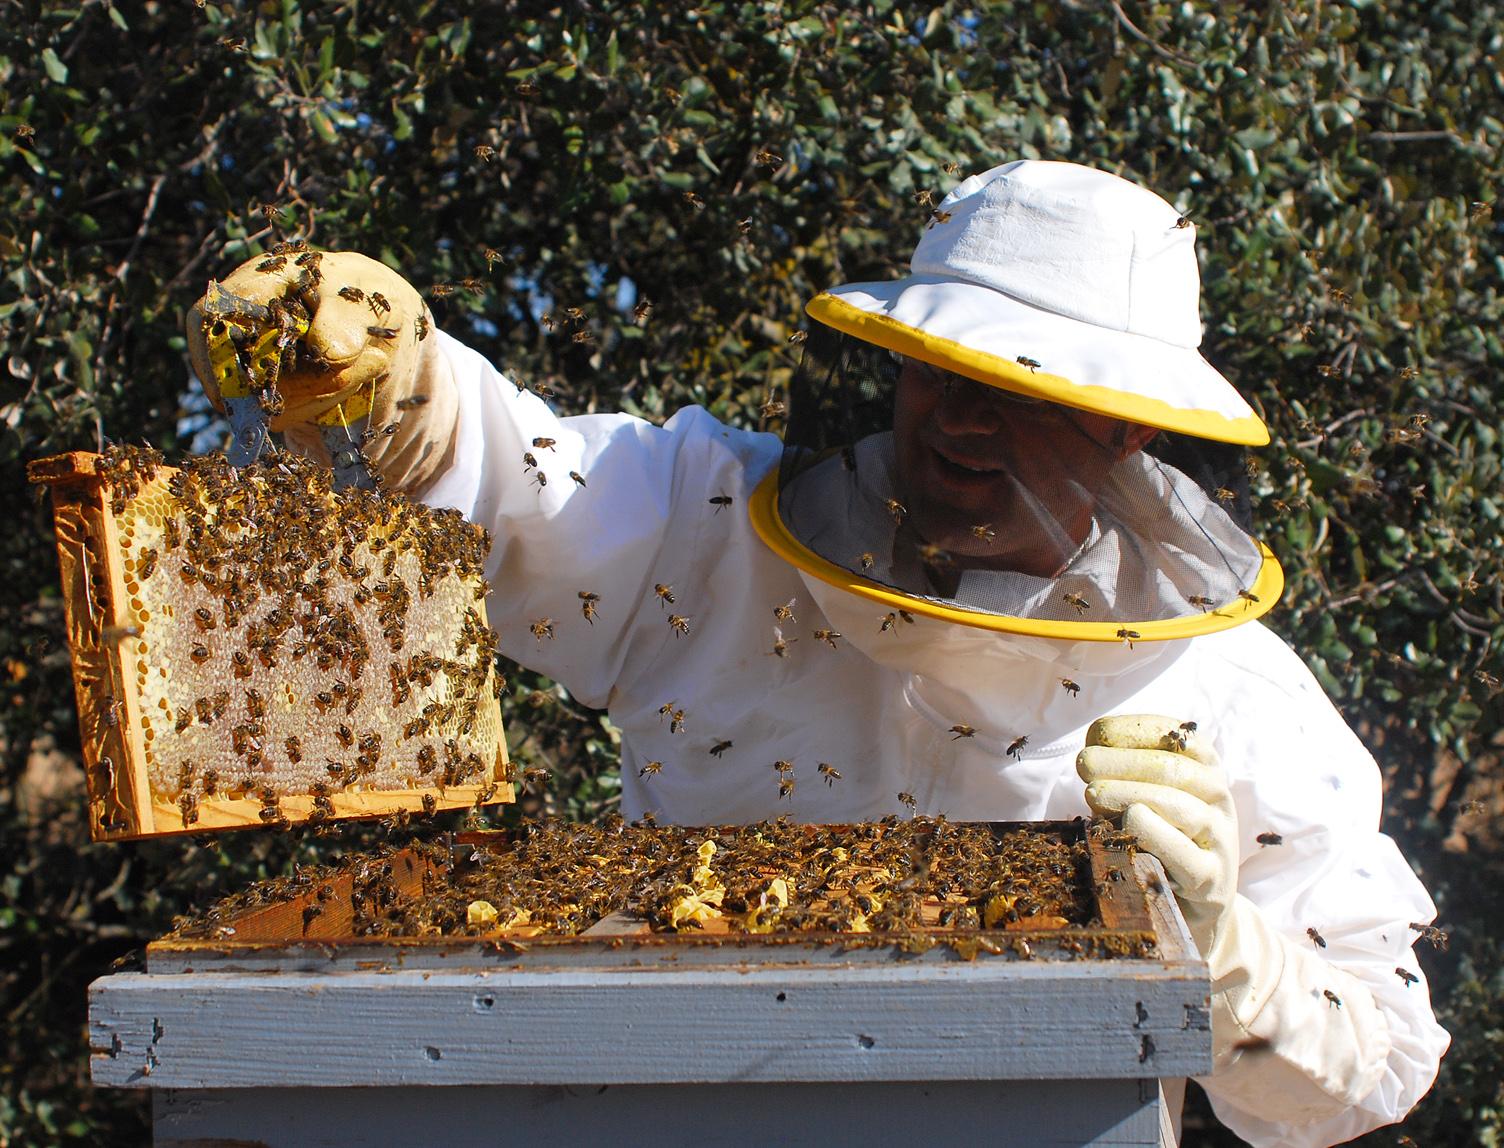 Fuente: Produccion de miel